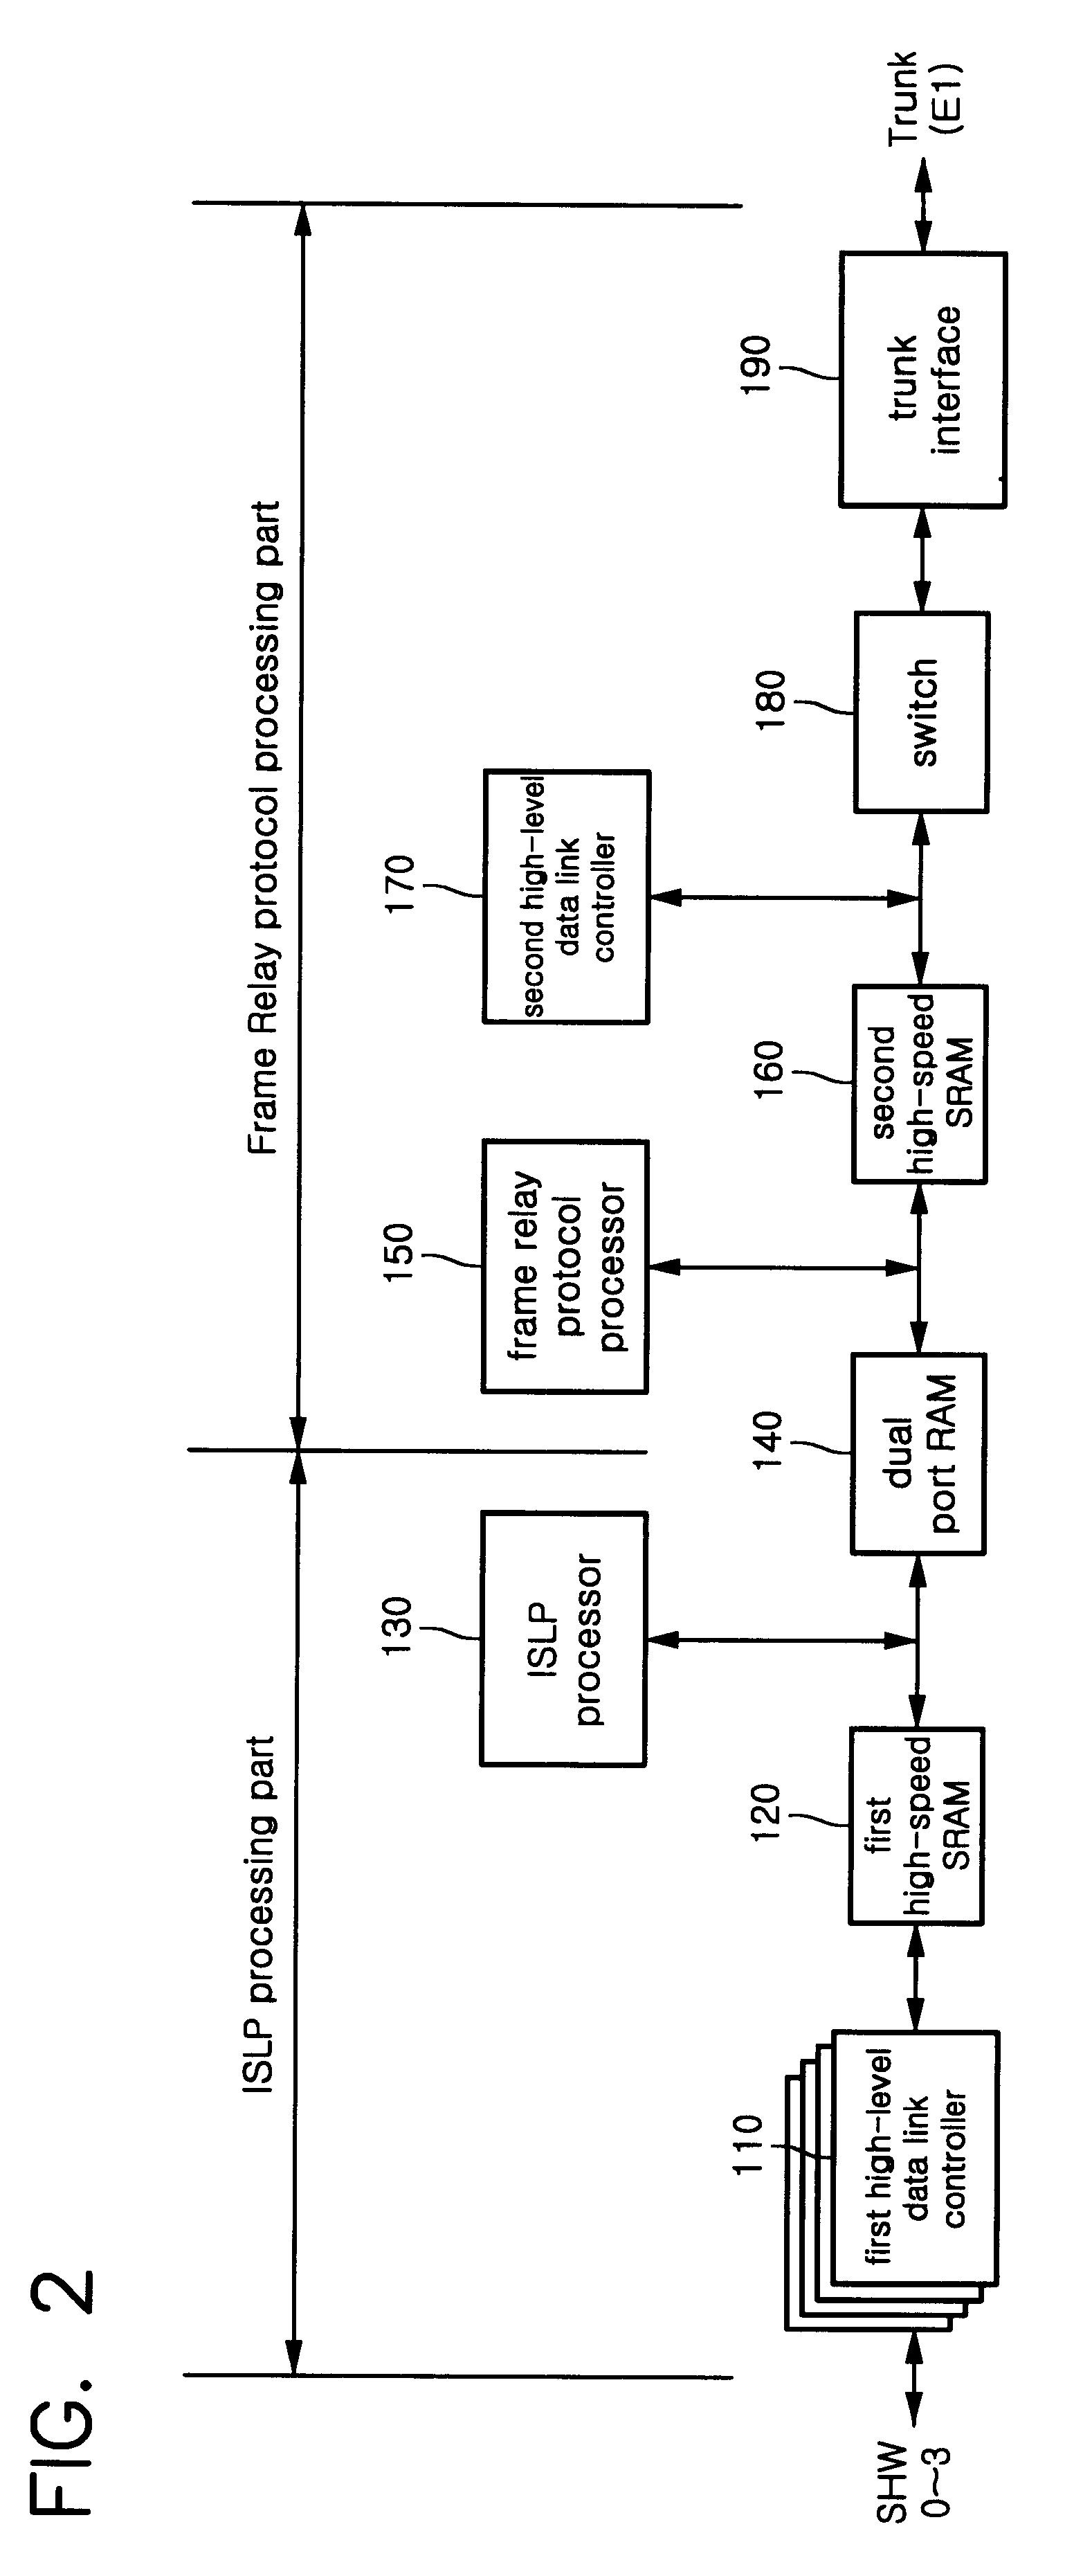 patent us6636492